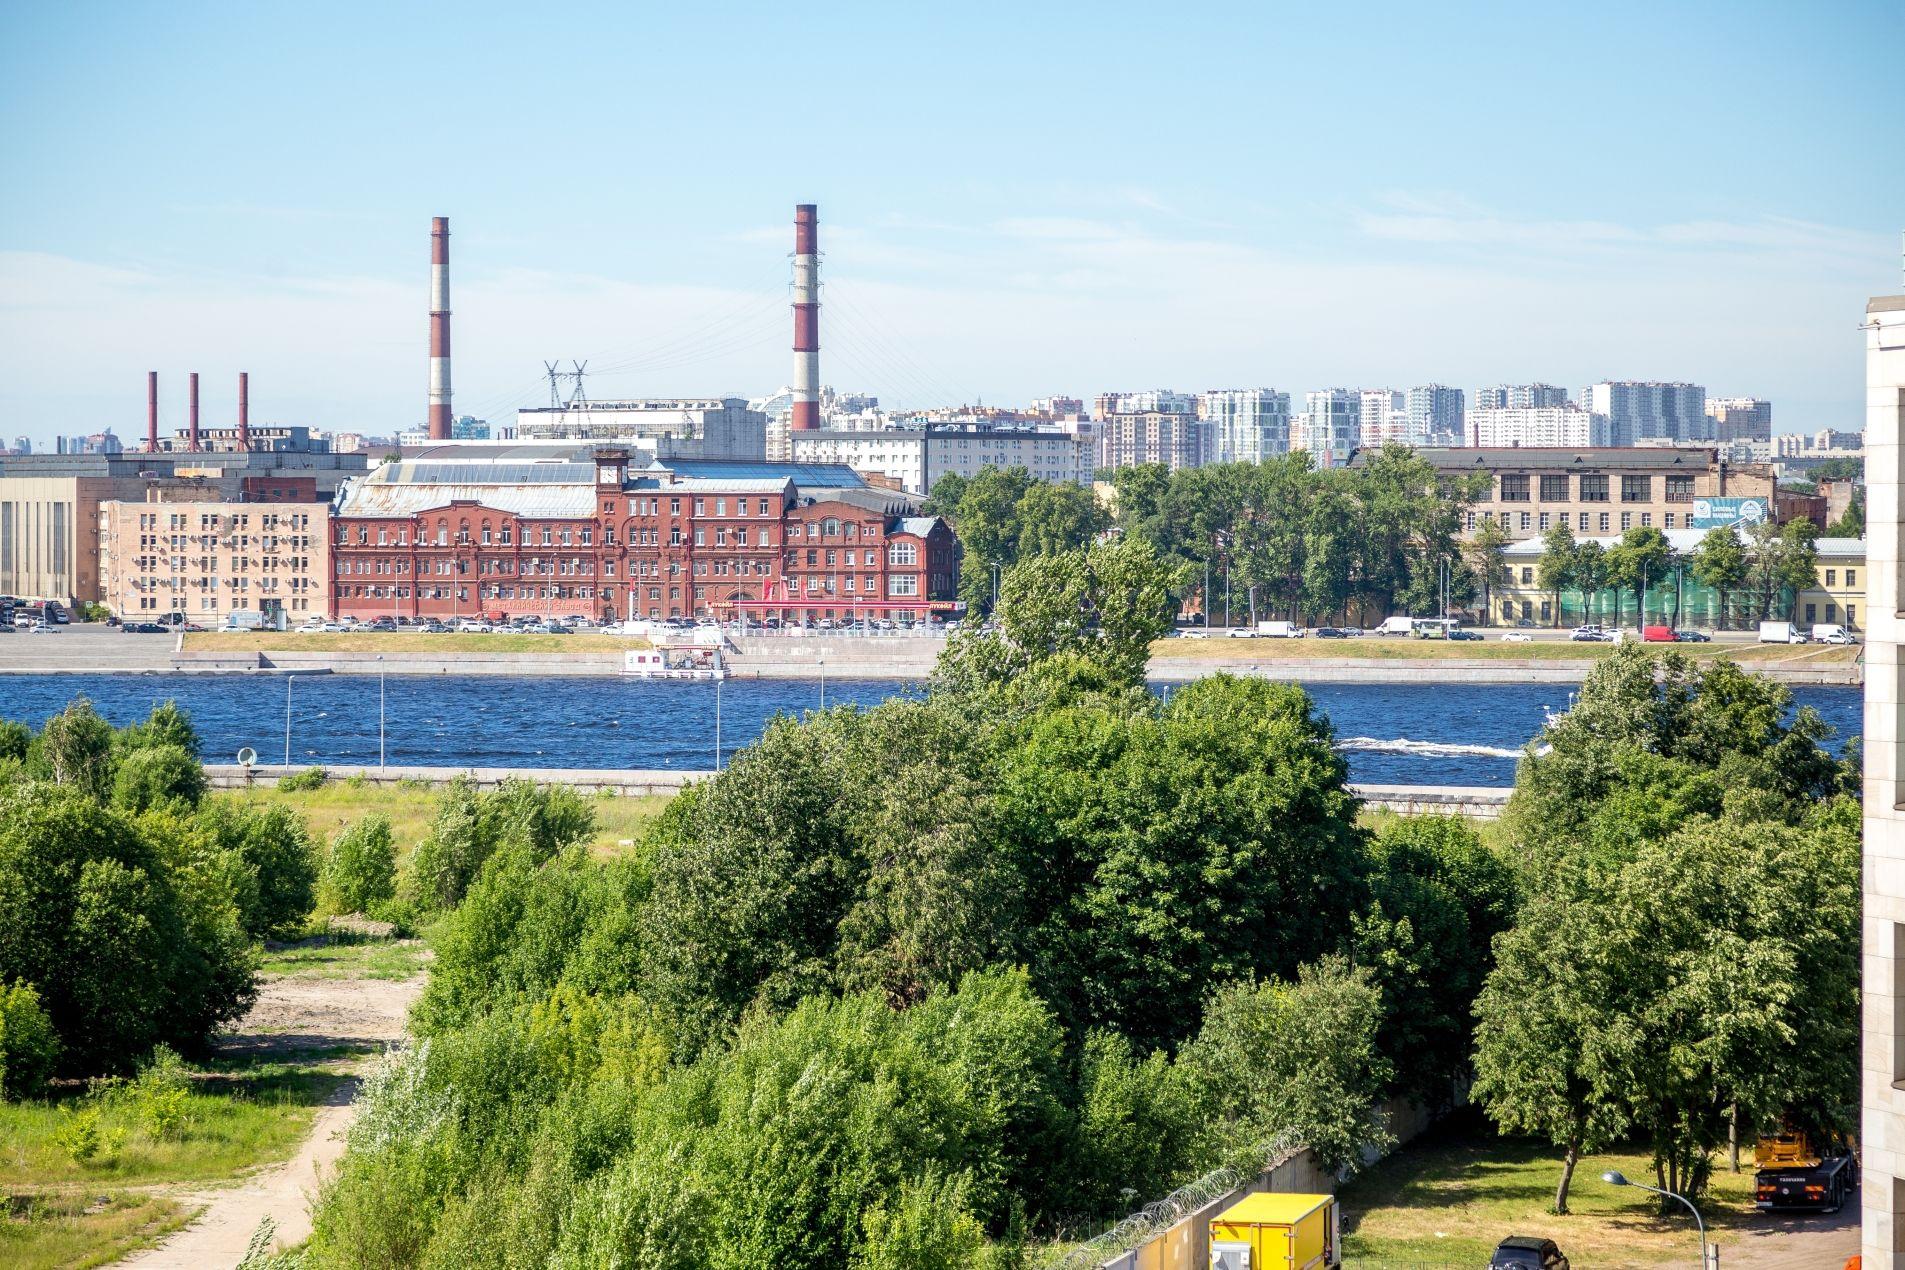 Продажа элитных квартир Санкт-Петербурга. Орловская ул, 1 Нева видна из окон